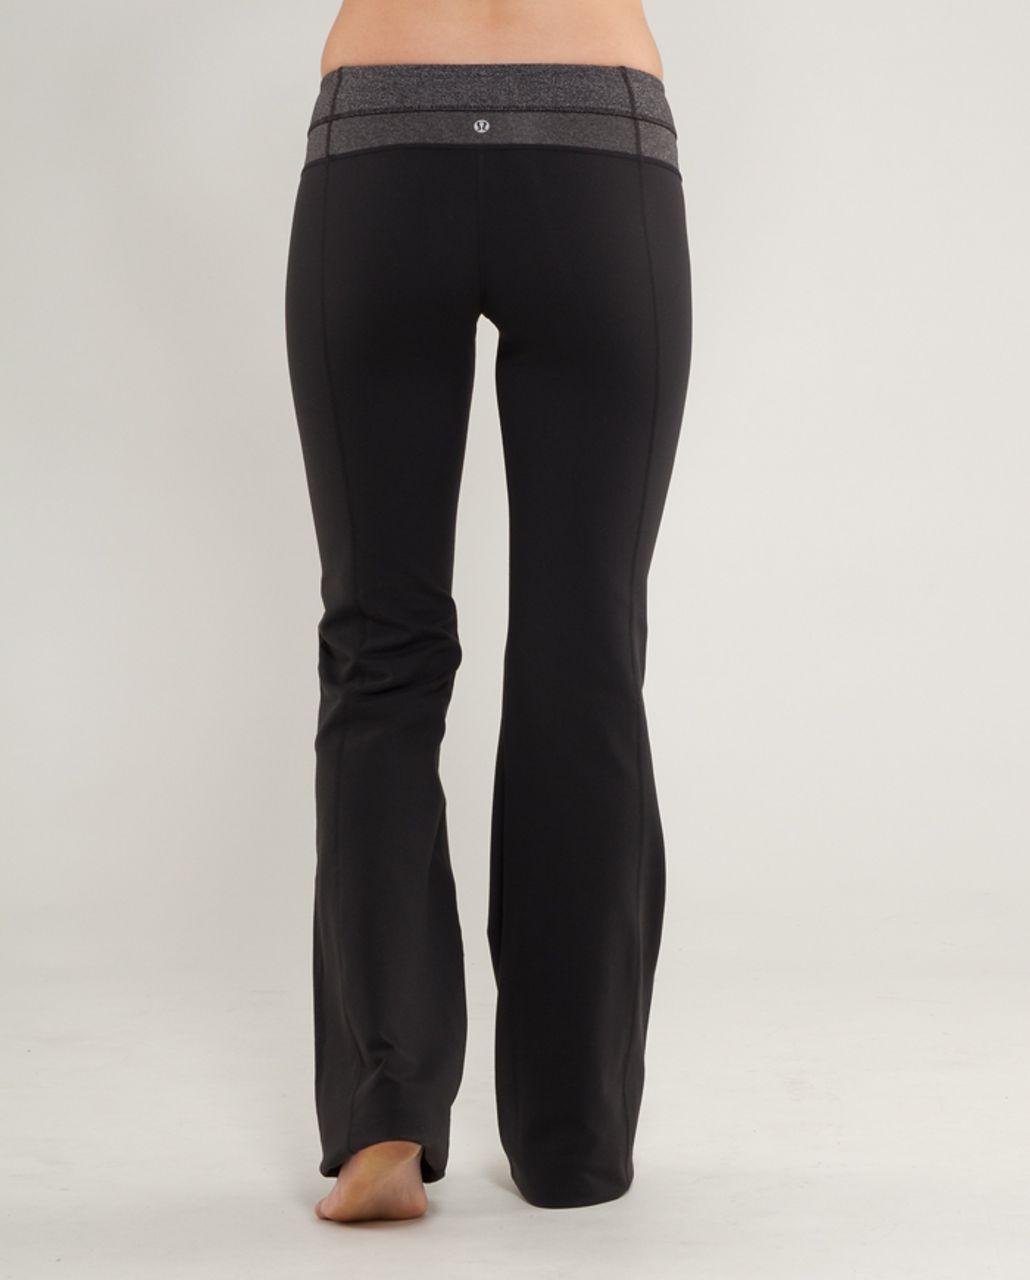 Lululemon Groove Pant (Regular) - Black /  Black Heathered Deep Coal Herringbone /  Heathered Black